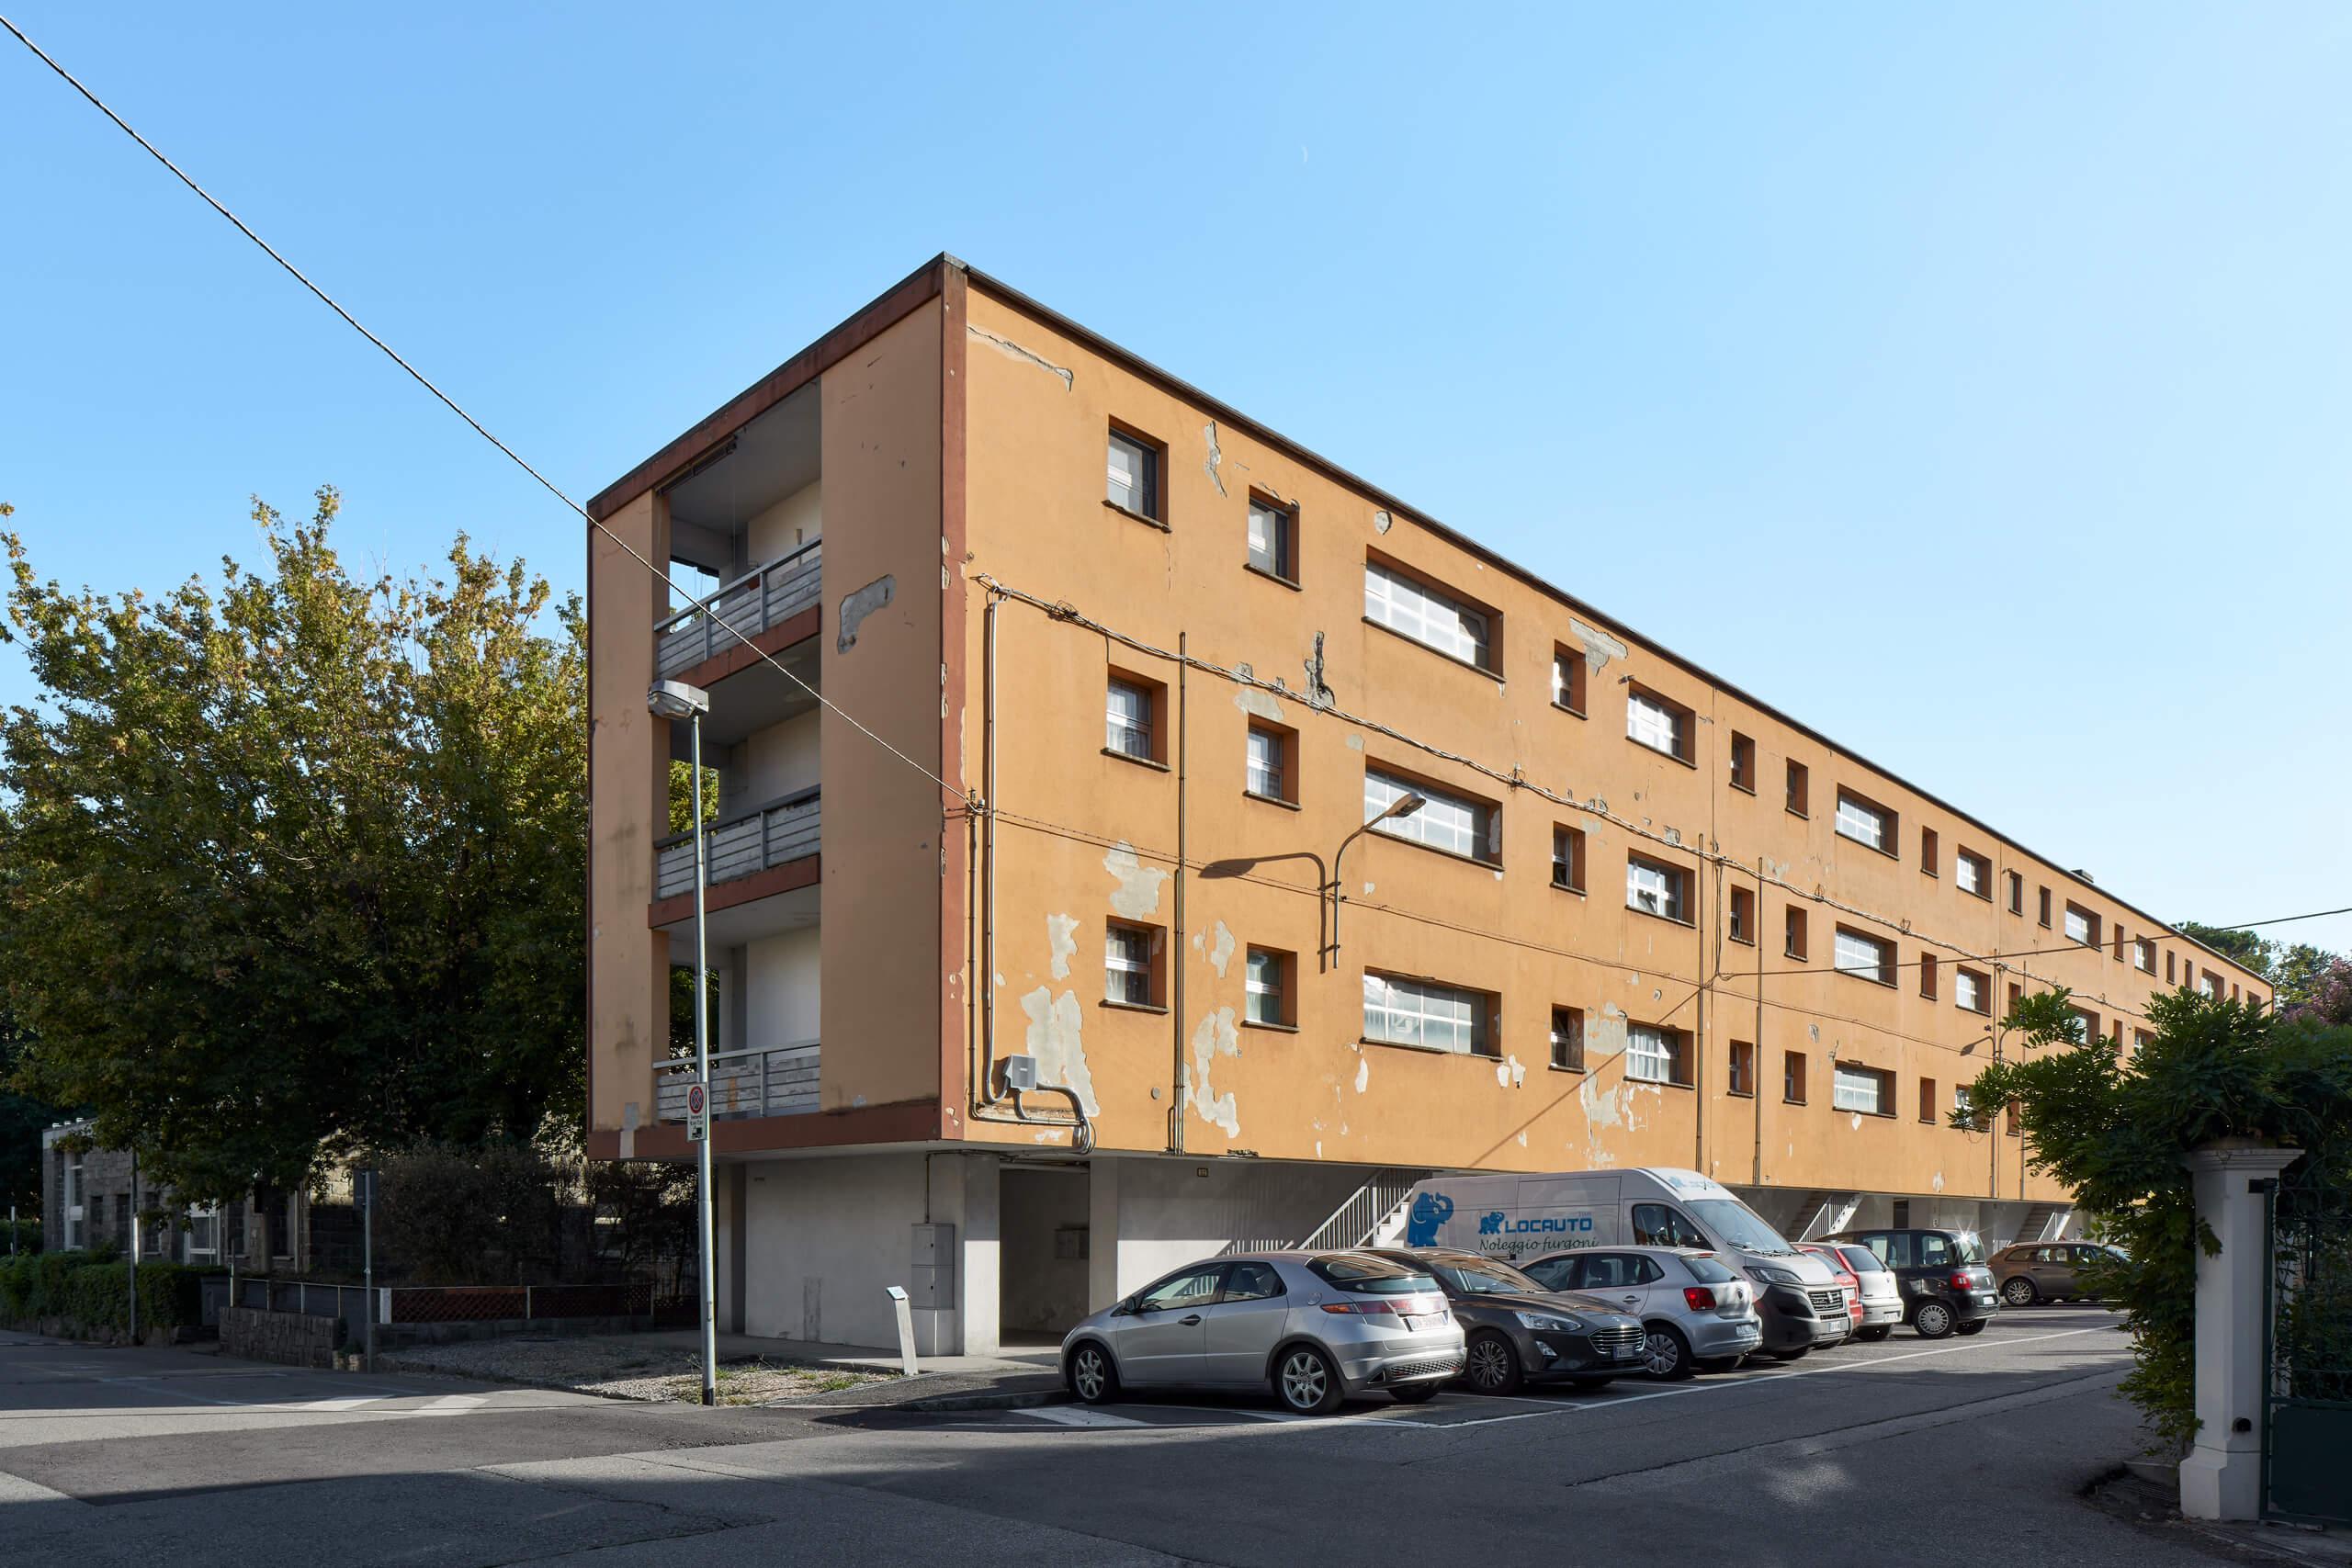 Federico_Covre_Casa_Popolare_Borgo_Olivetti_Figini_Pollini_1939-41_Ivrea_2020_01